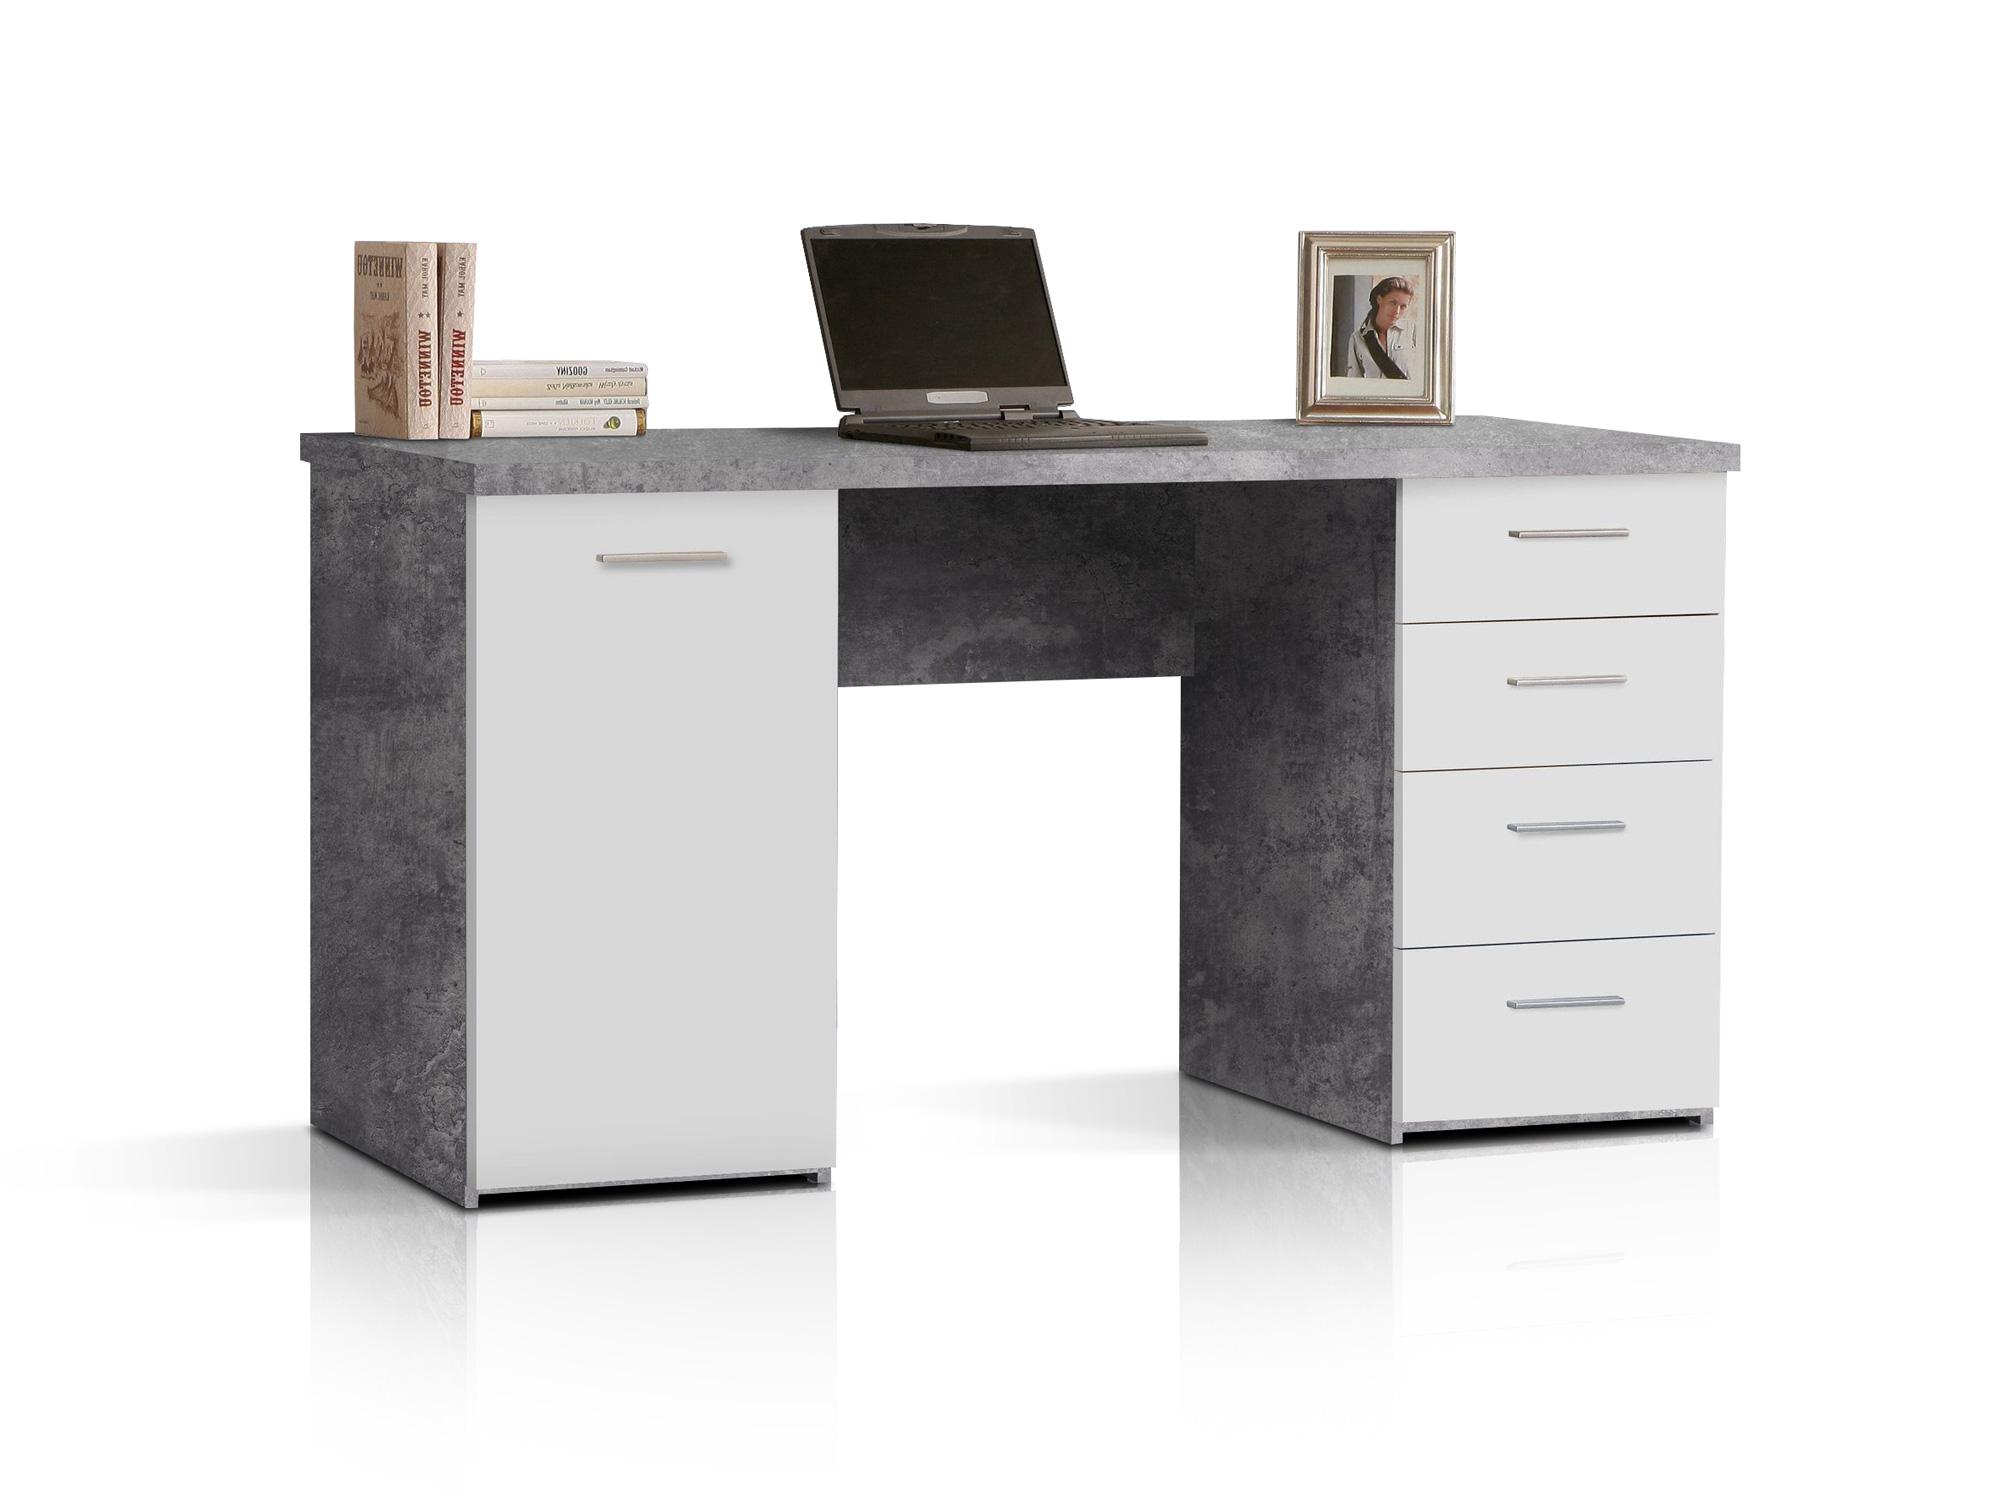 migel schreibtisch beton weiss. Black Bedroom Furniture Sets. Home Design Ideas